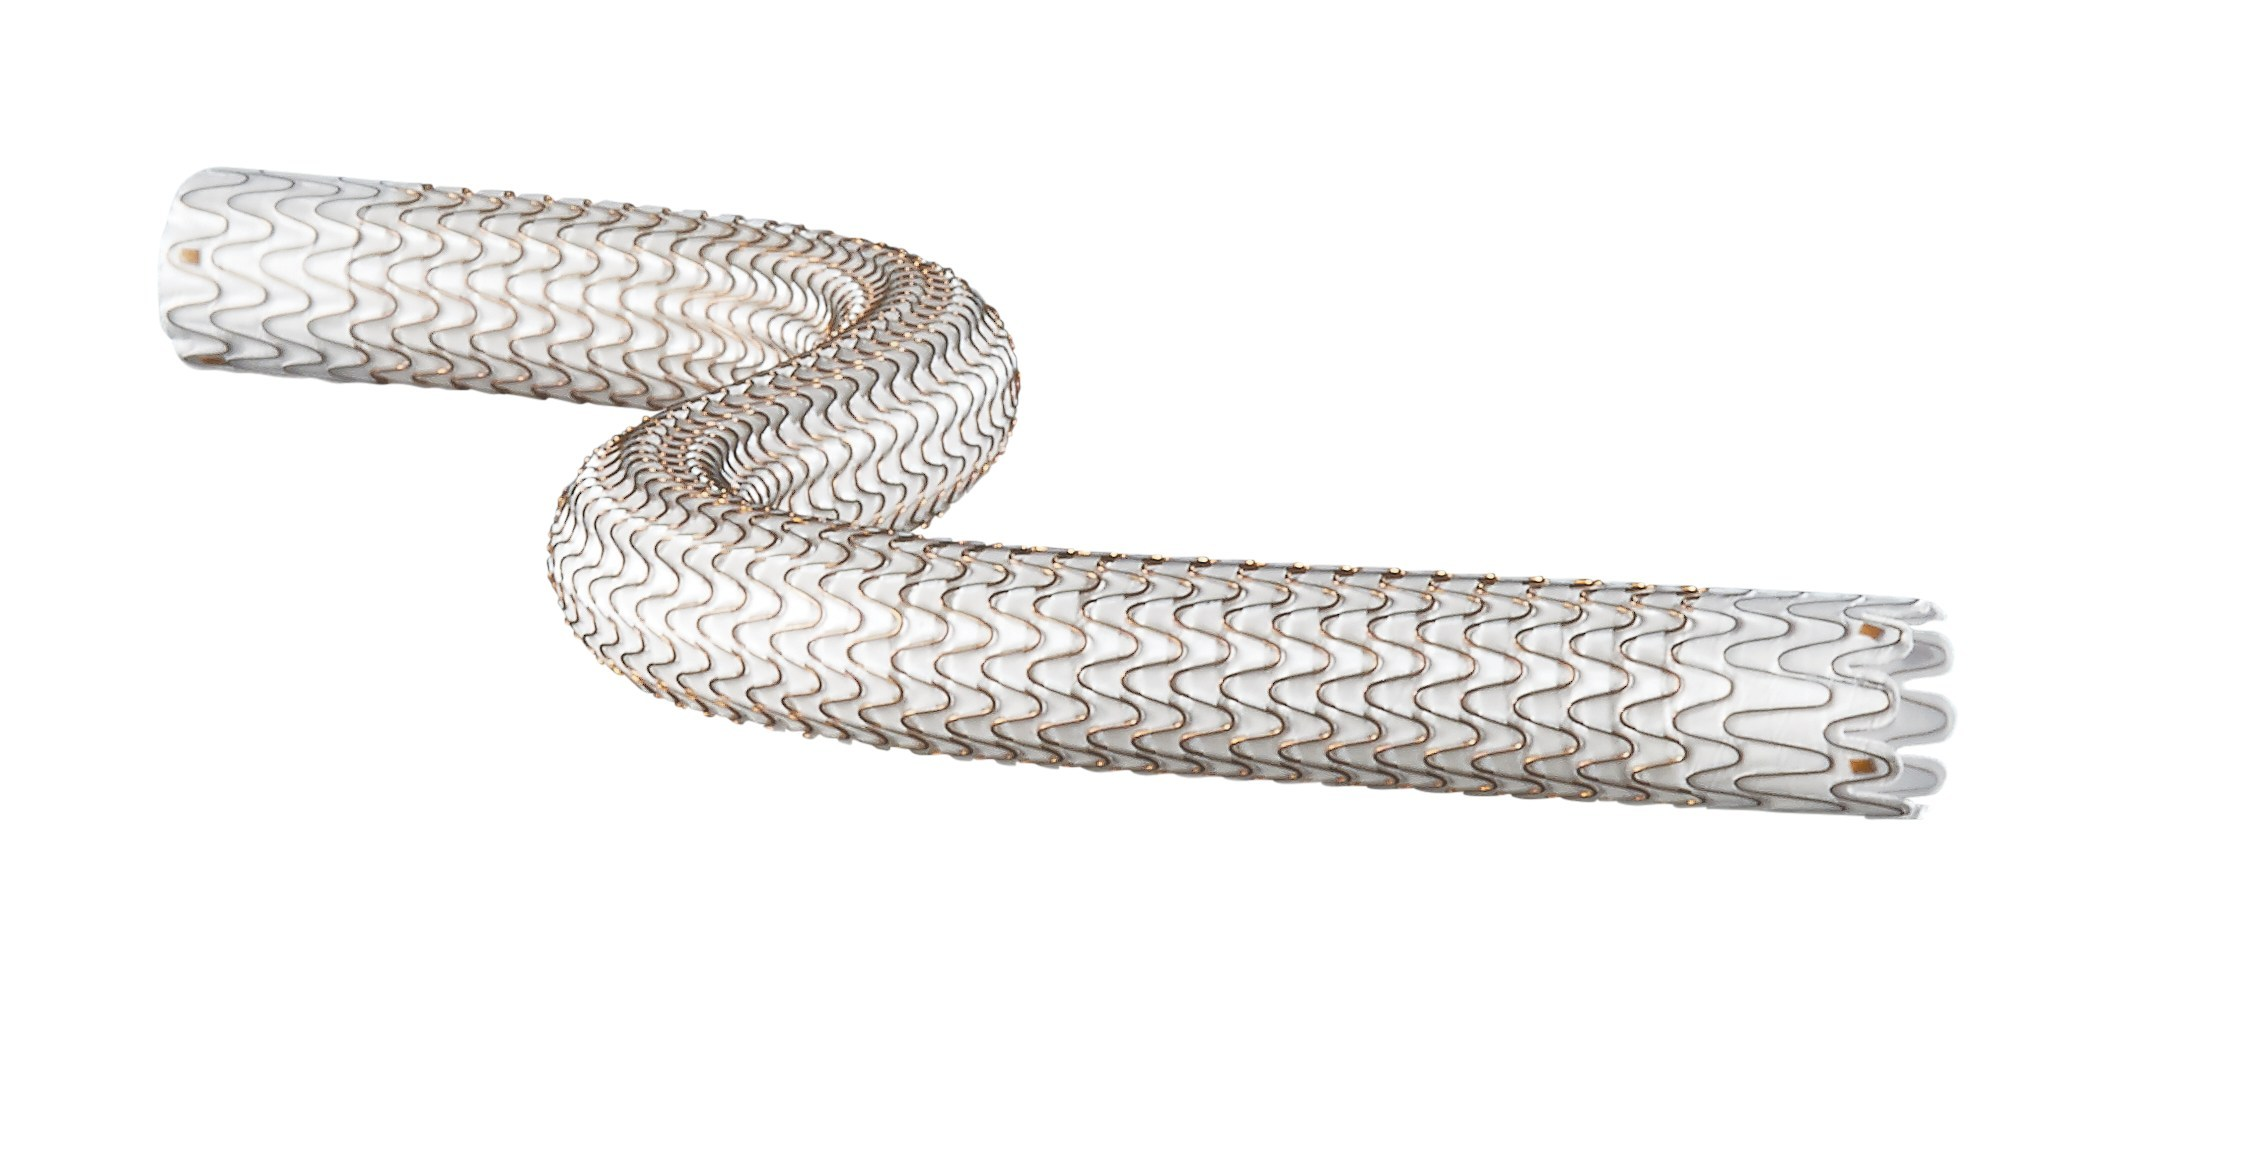 Gore Viabahn endoprothesis